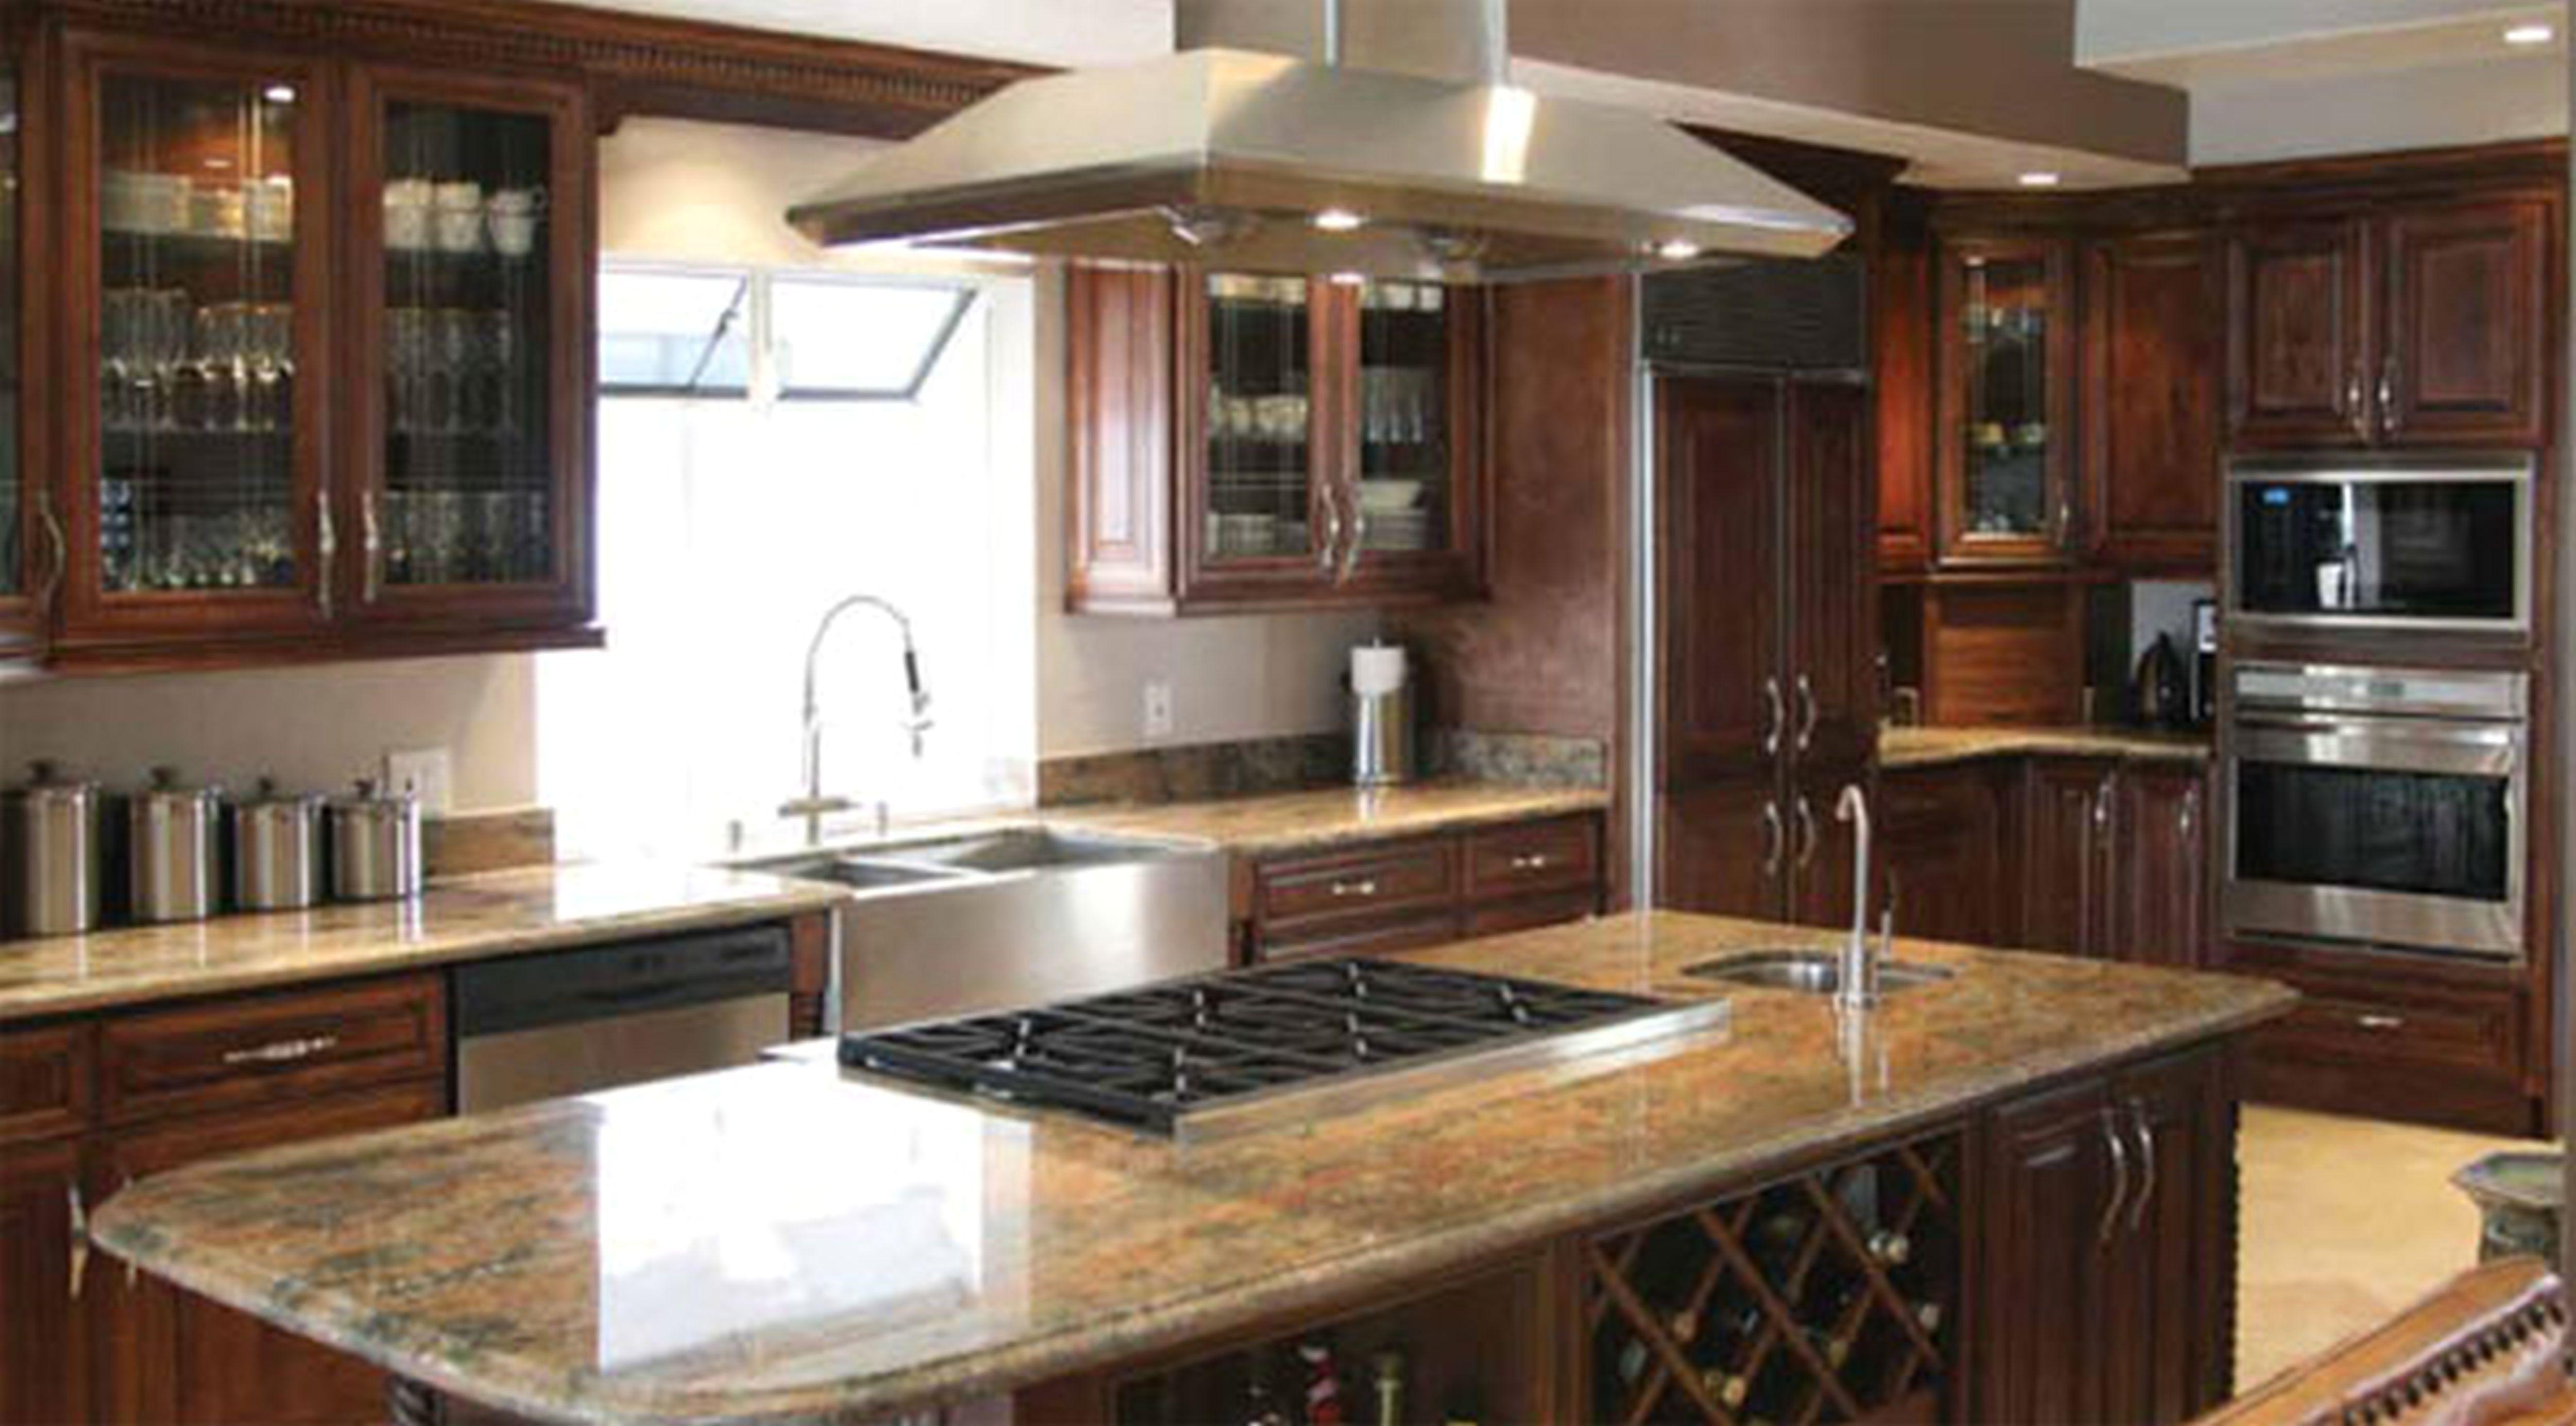 Best Kitchen Dark Cabinets Kitchen Island With Sink Light 400 x 300